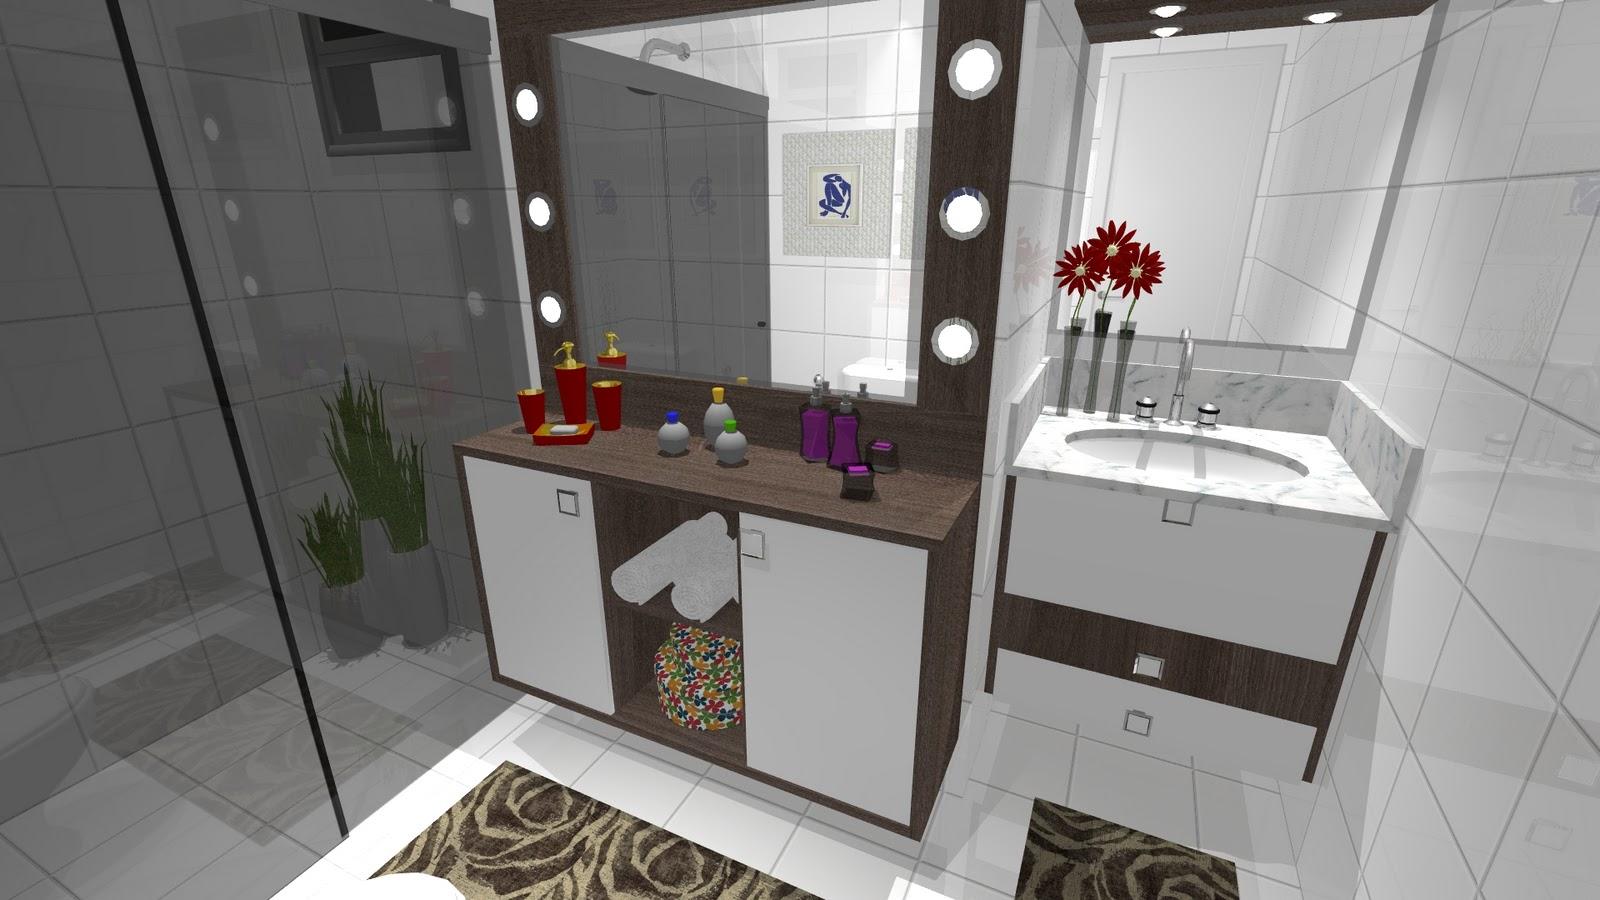 #672863 Ambientes & Ideias: Um Banheiro Um camarim! 1600x900 px tapete de banheiro em frances